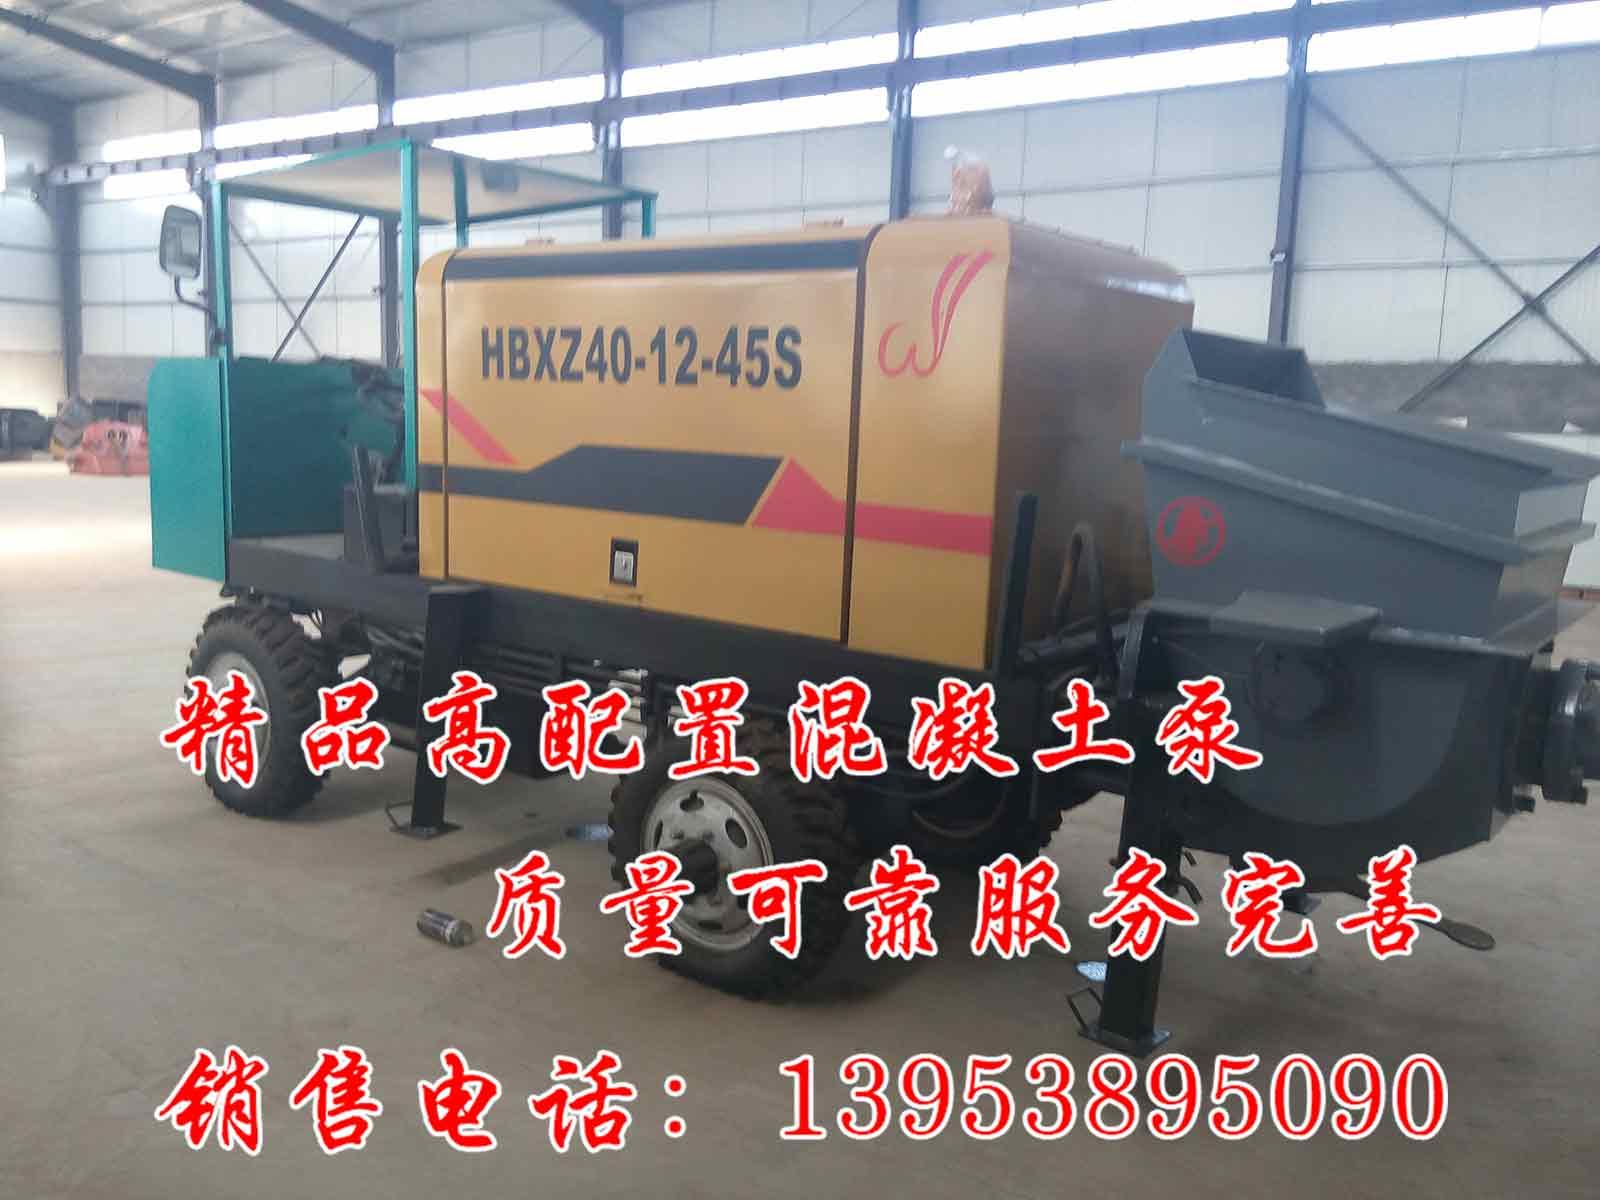 山东济南 矿用混凝土泵价位 新品上架 全自动式